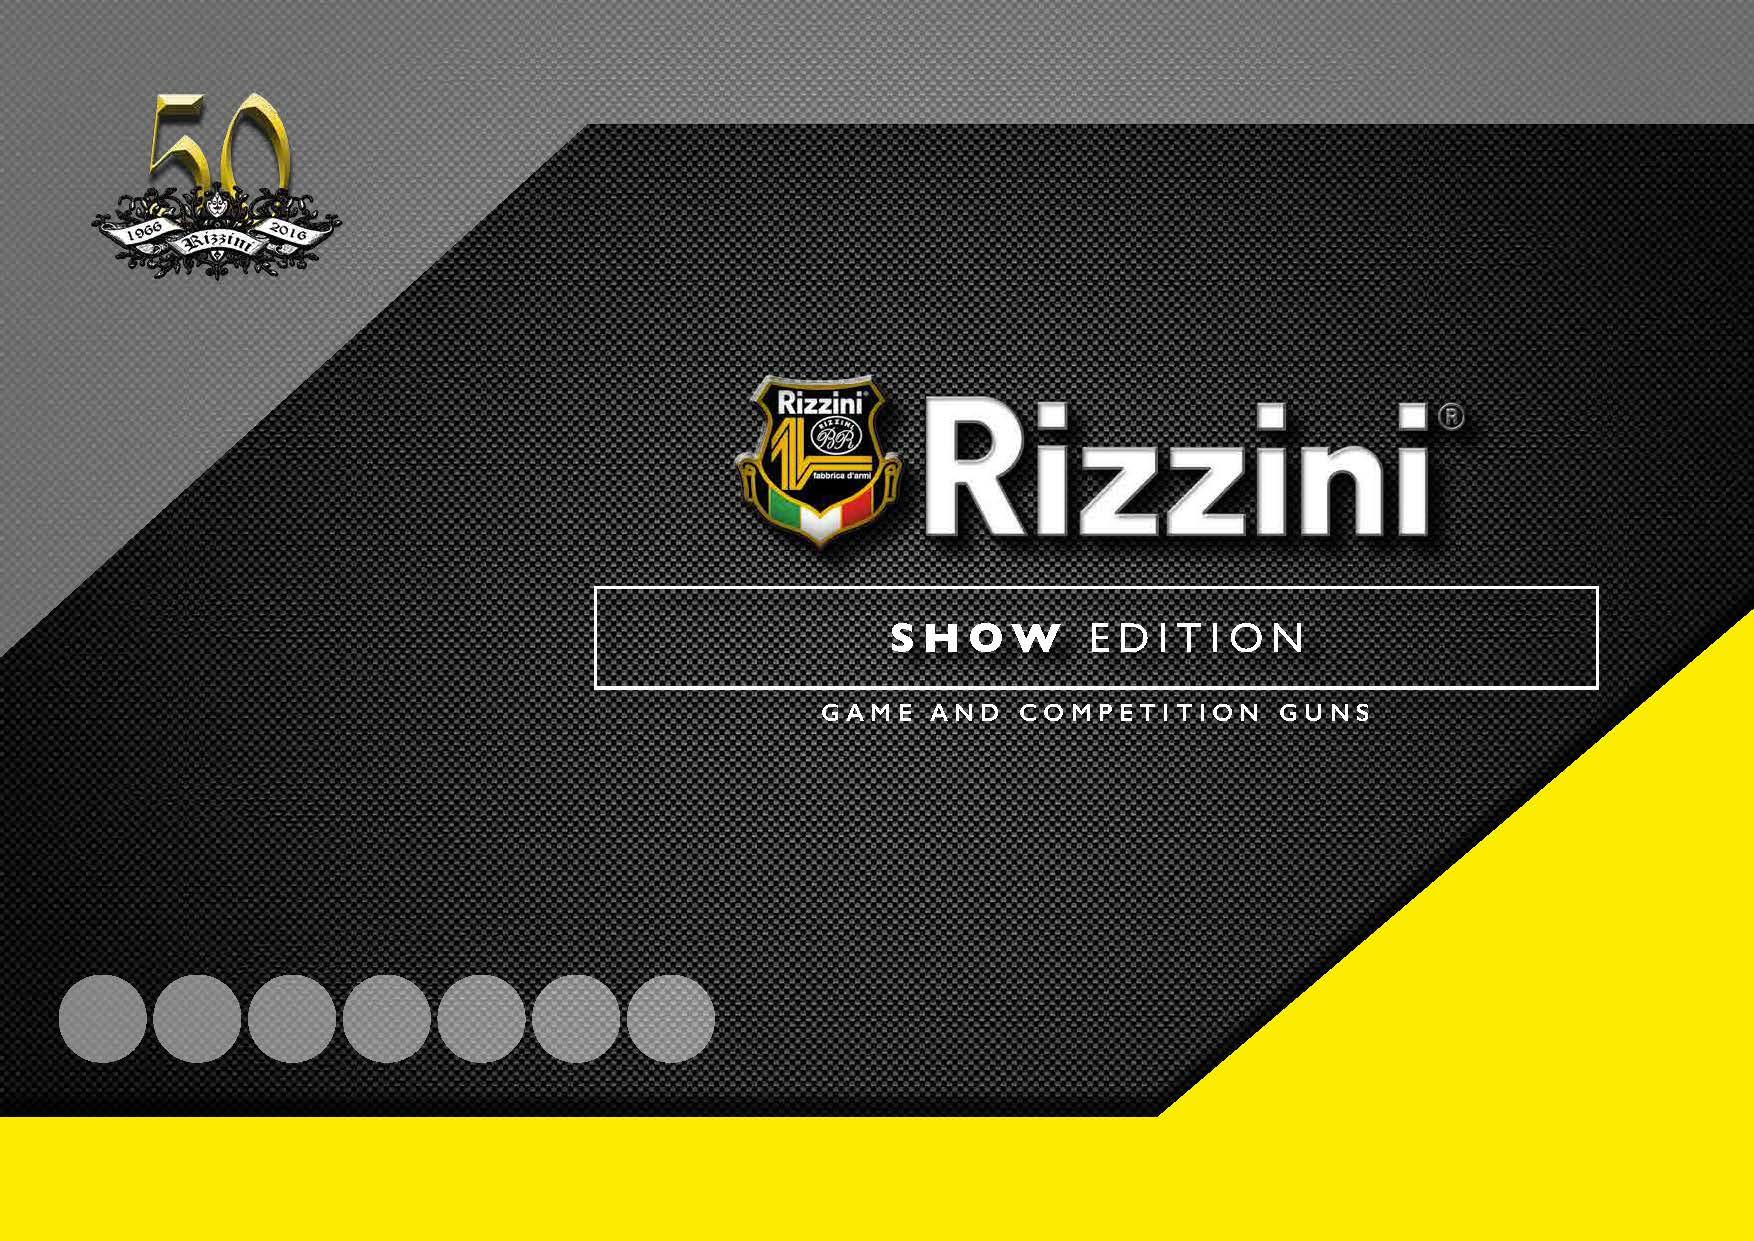 Rizzini catalogo Show Edition 2016-2017 - Armi Magazine